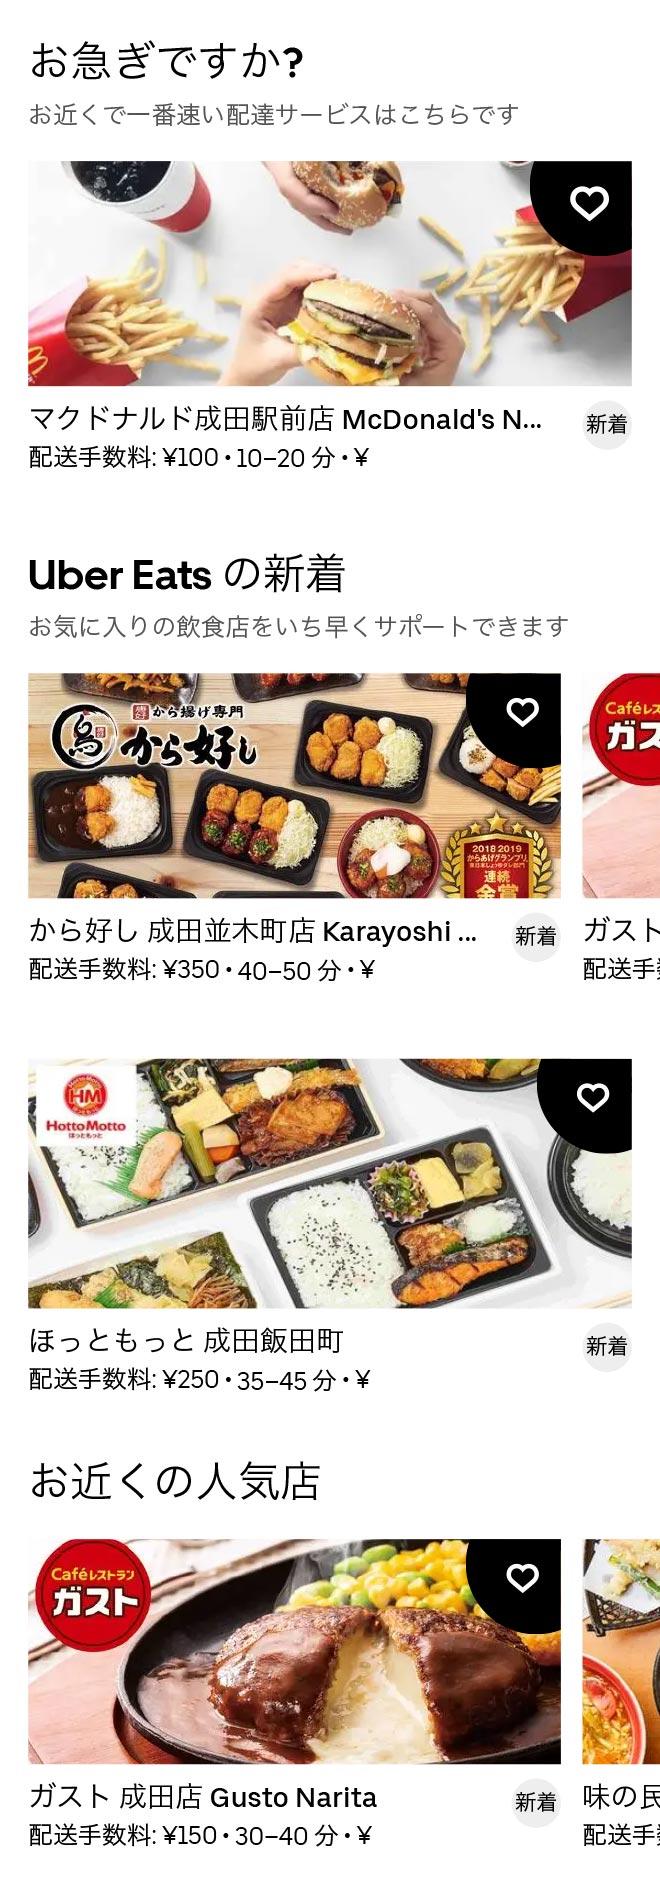 Narita menu 2011 1